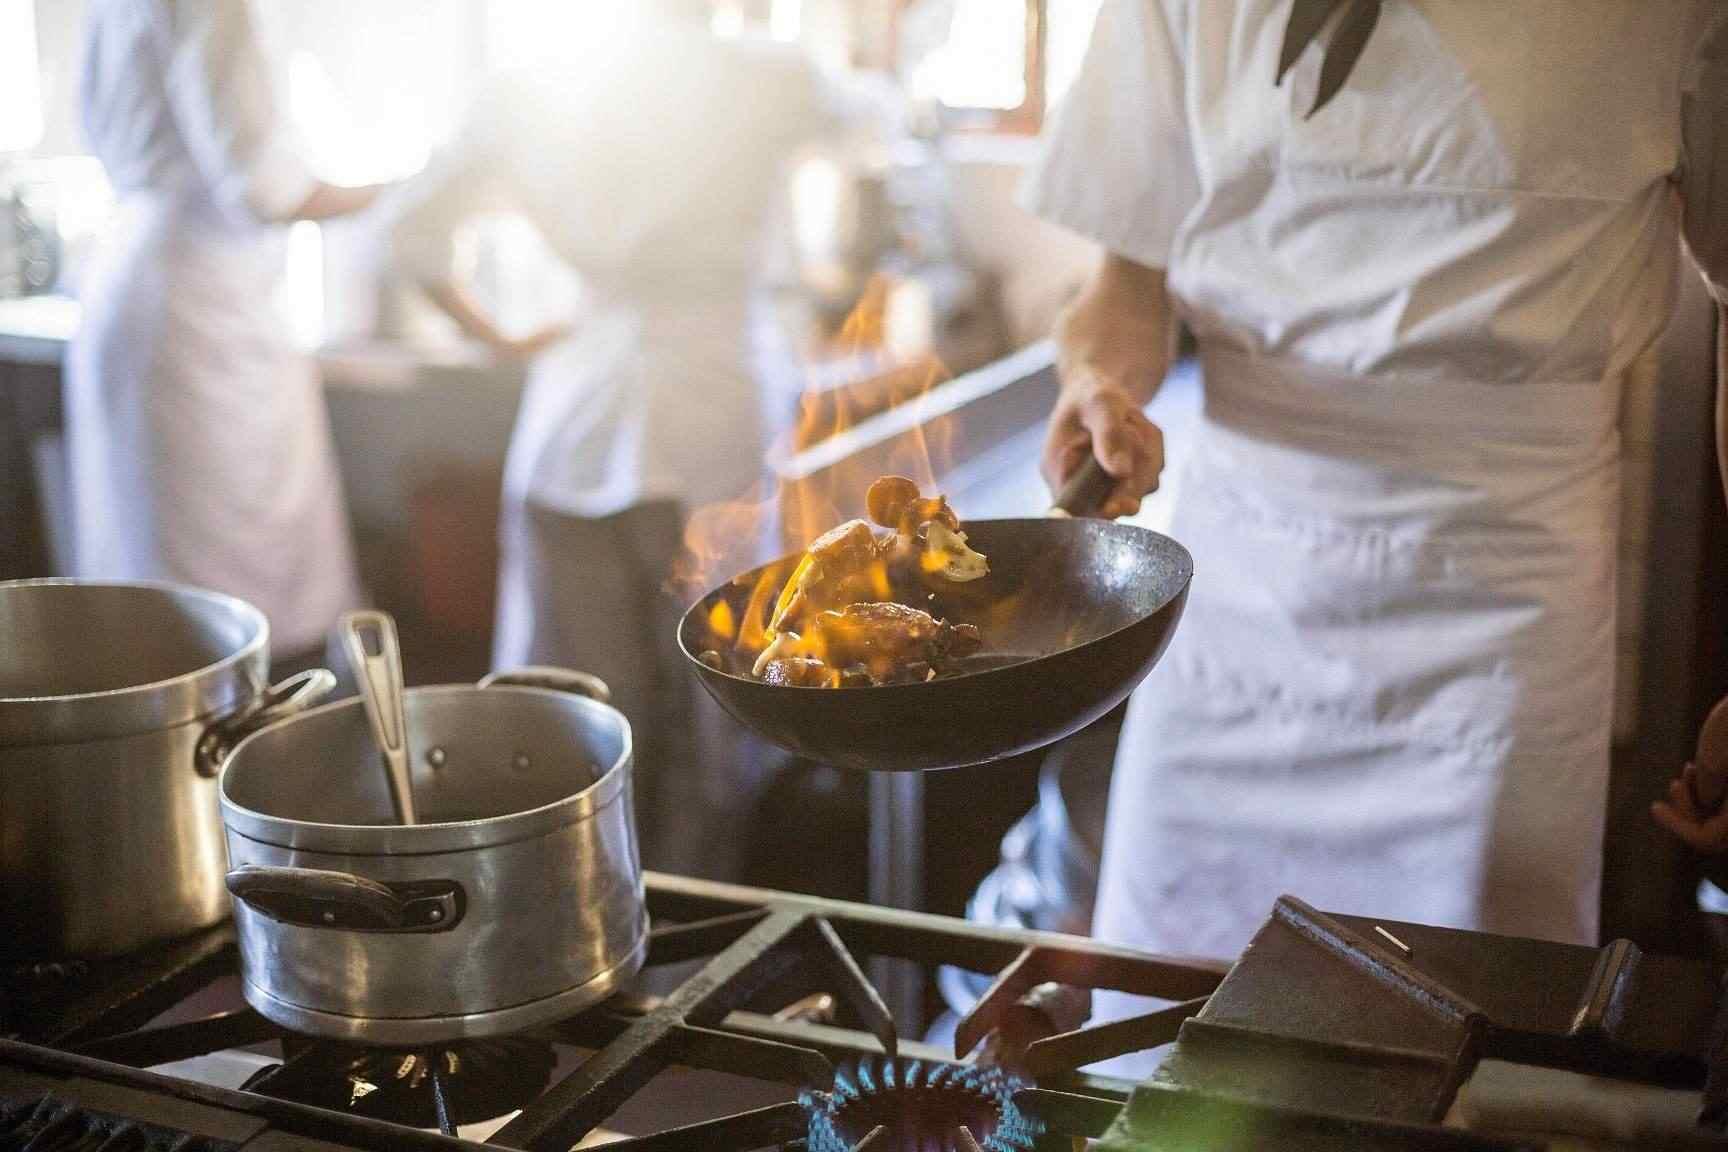 Provozovatelé restaurací mohou ušetřit při přechodu na plyn